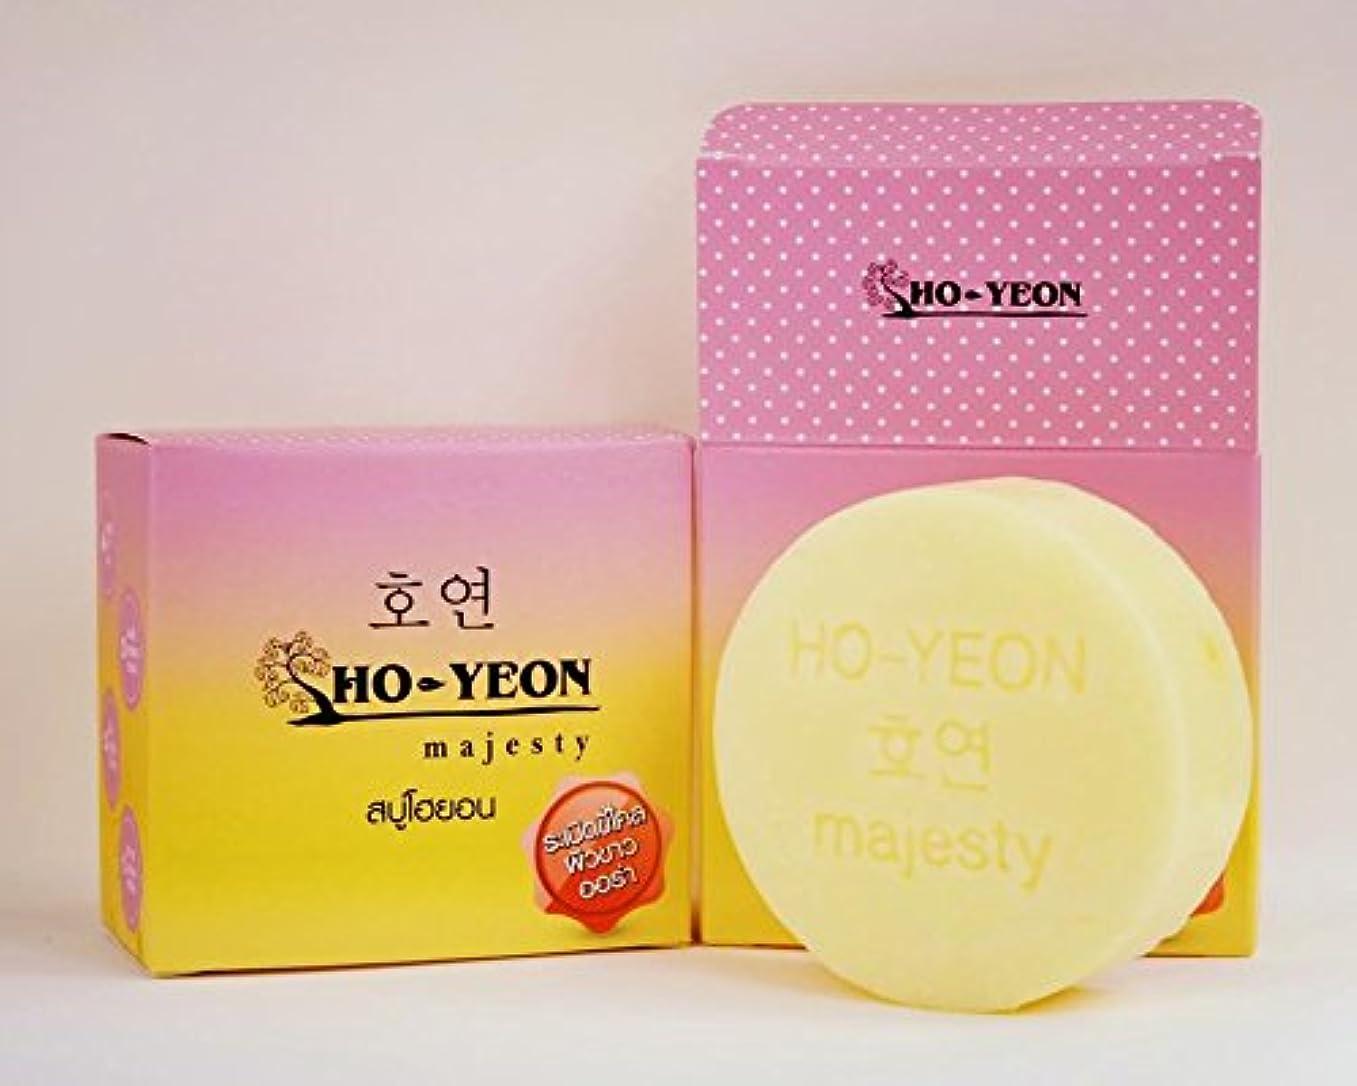 かび臭い外科医ご意見1 X Natural Herbal Whitening Soap. Soap Yeon Ho-yeon the HO (80 grams) Free shipping